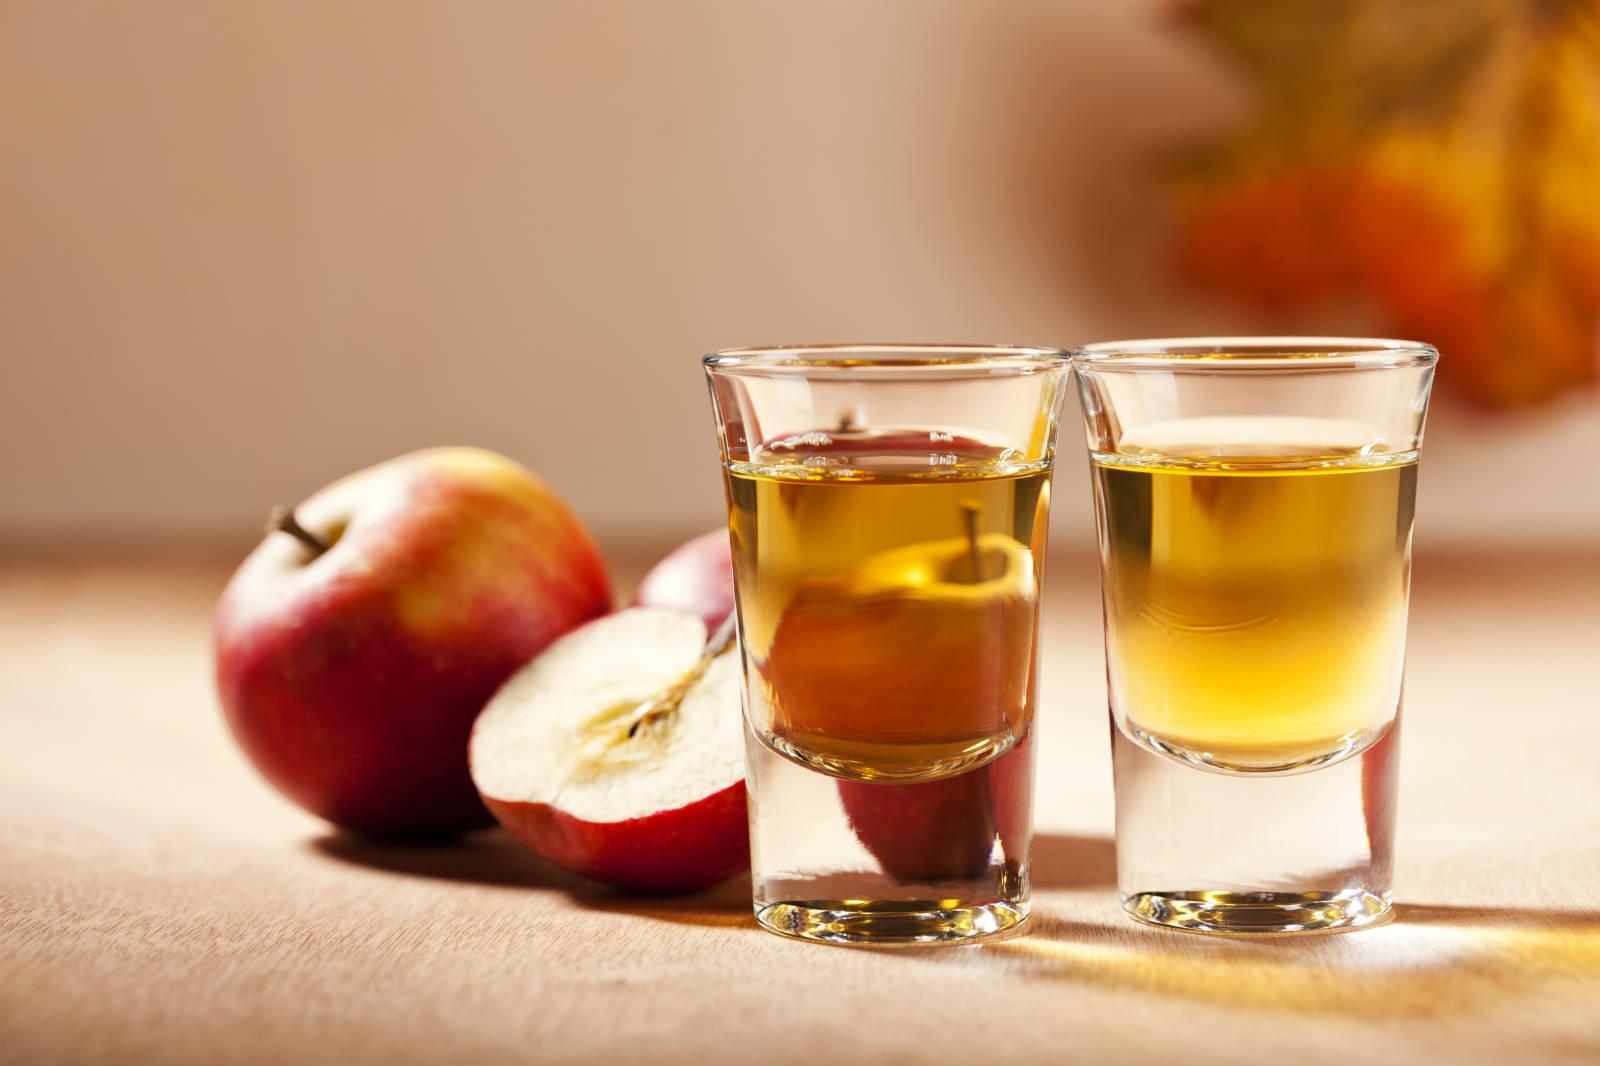 apple-cider-vinegar-face-wash